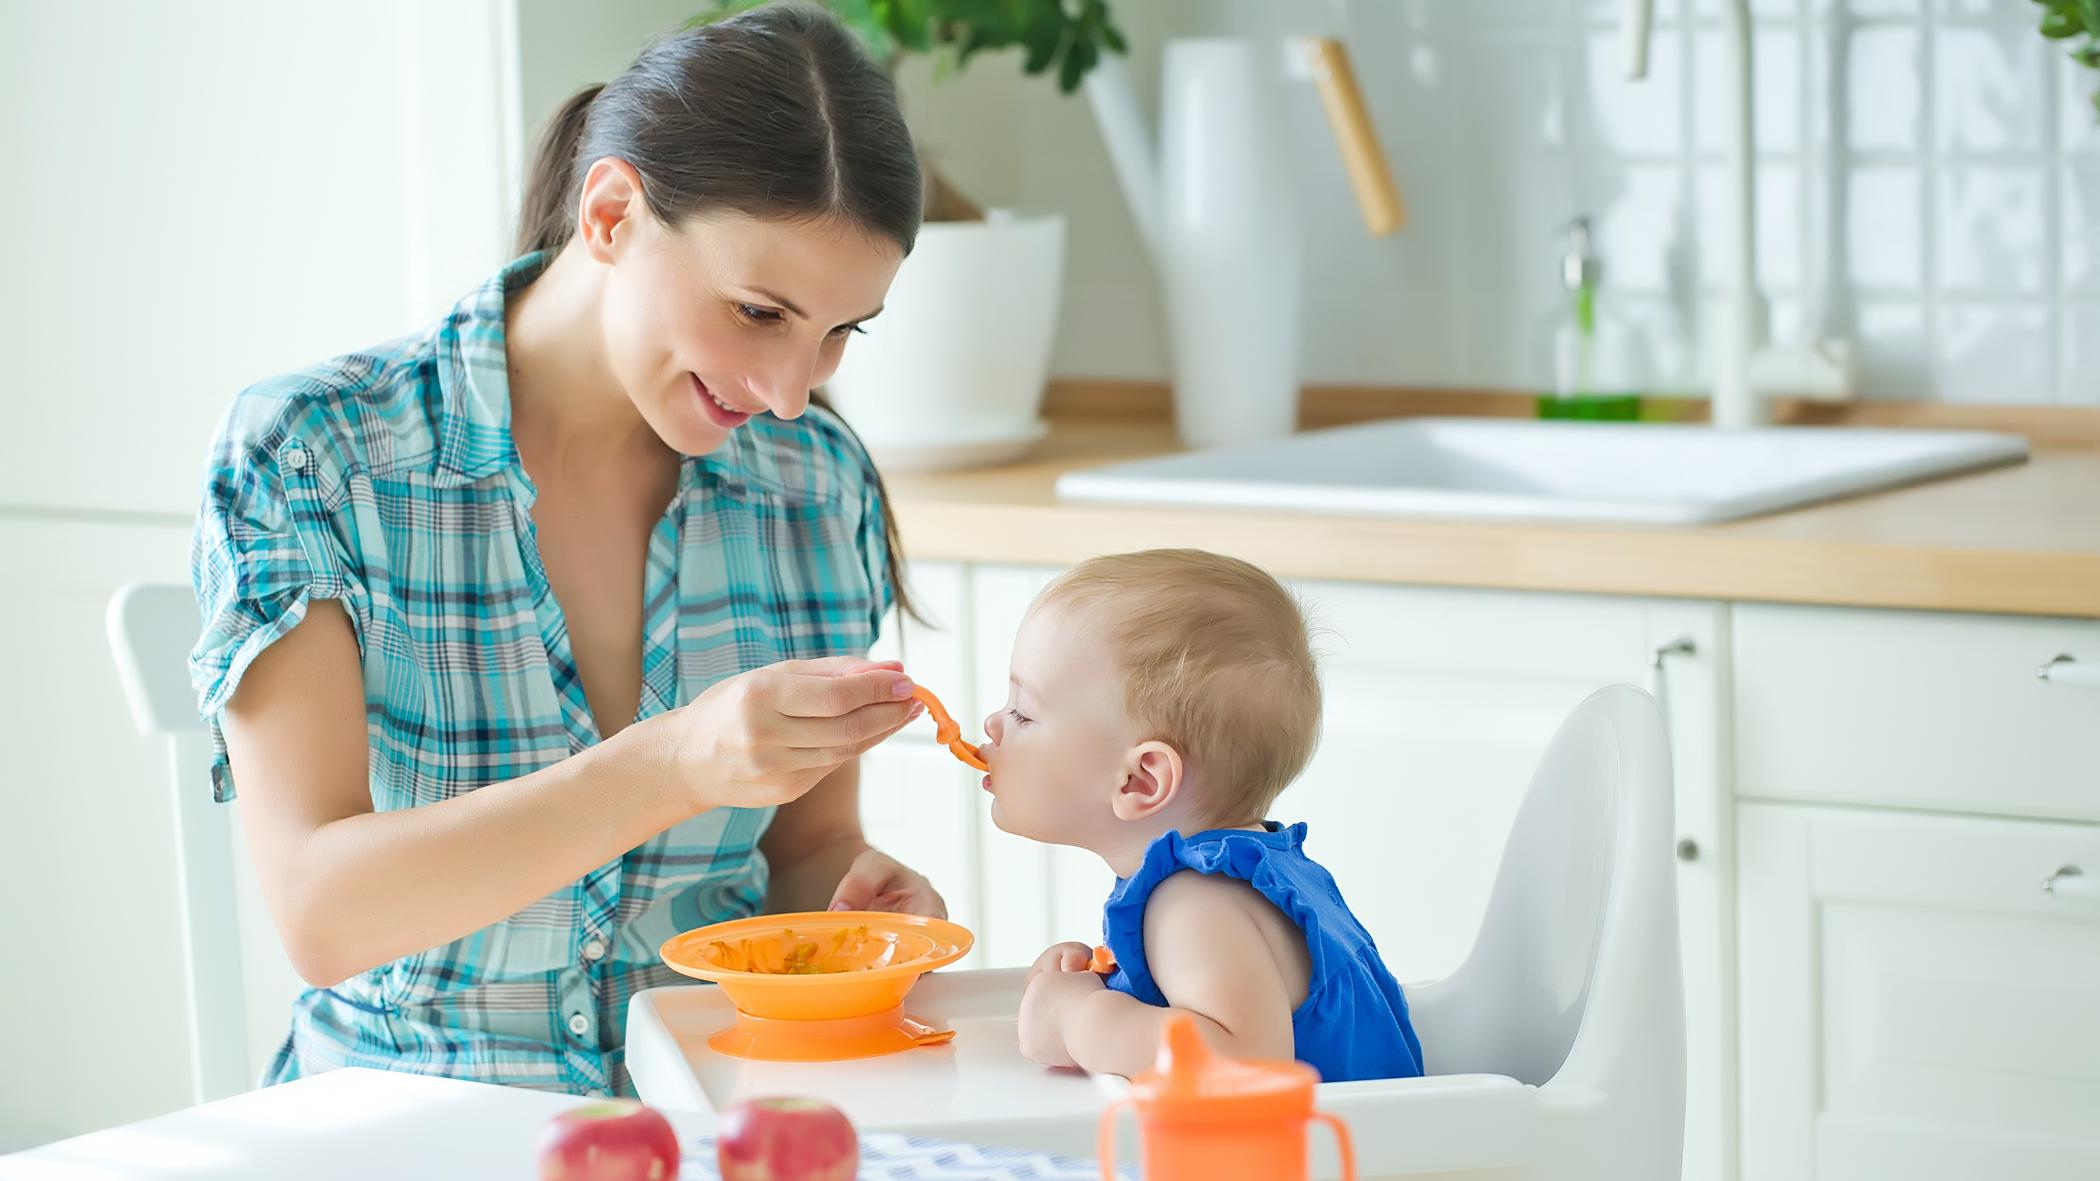 Как можно безопасно помочь малышу при приступе колик?